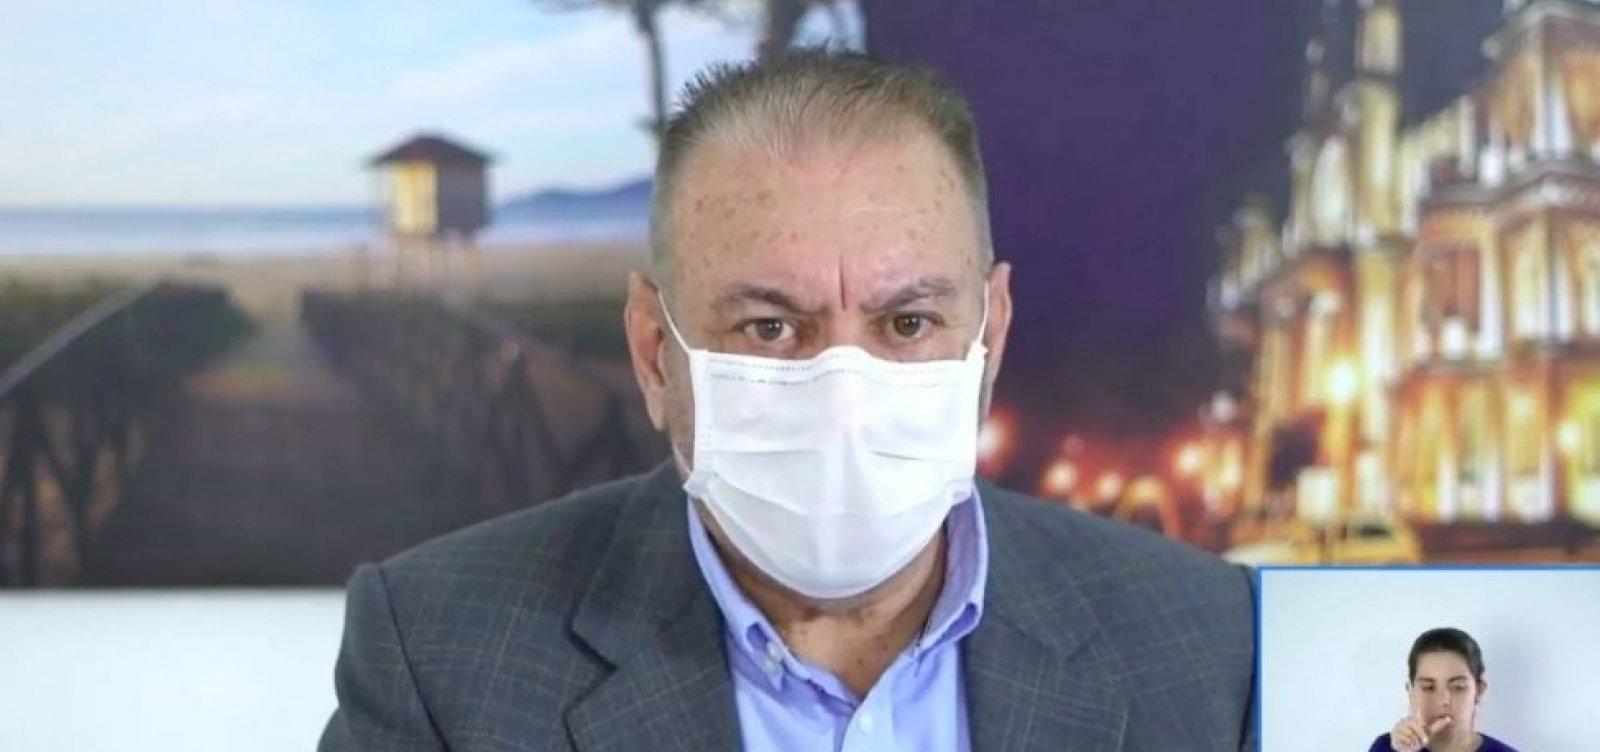 [Médicos que usarem ozonioterapia contra Covid-19 podem ser punidos, diz presidente do CFM]